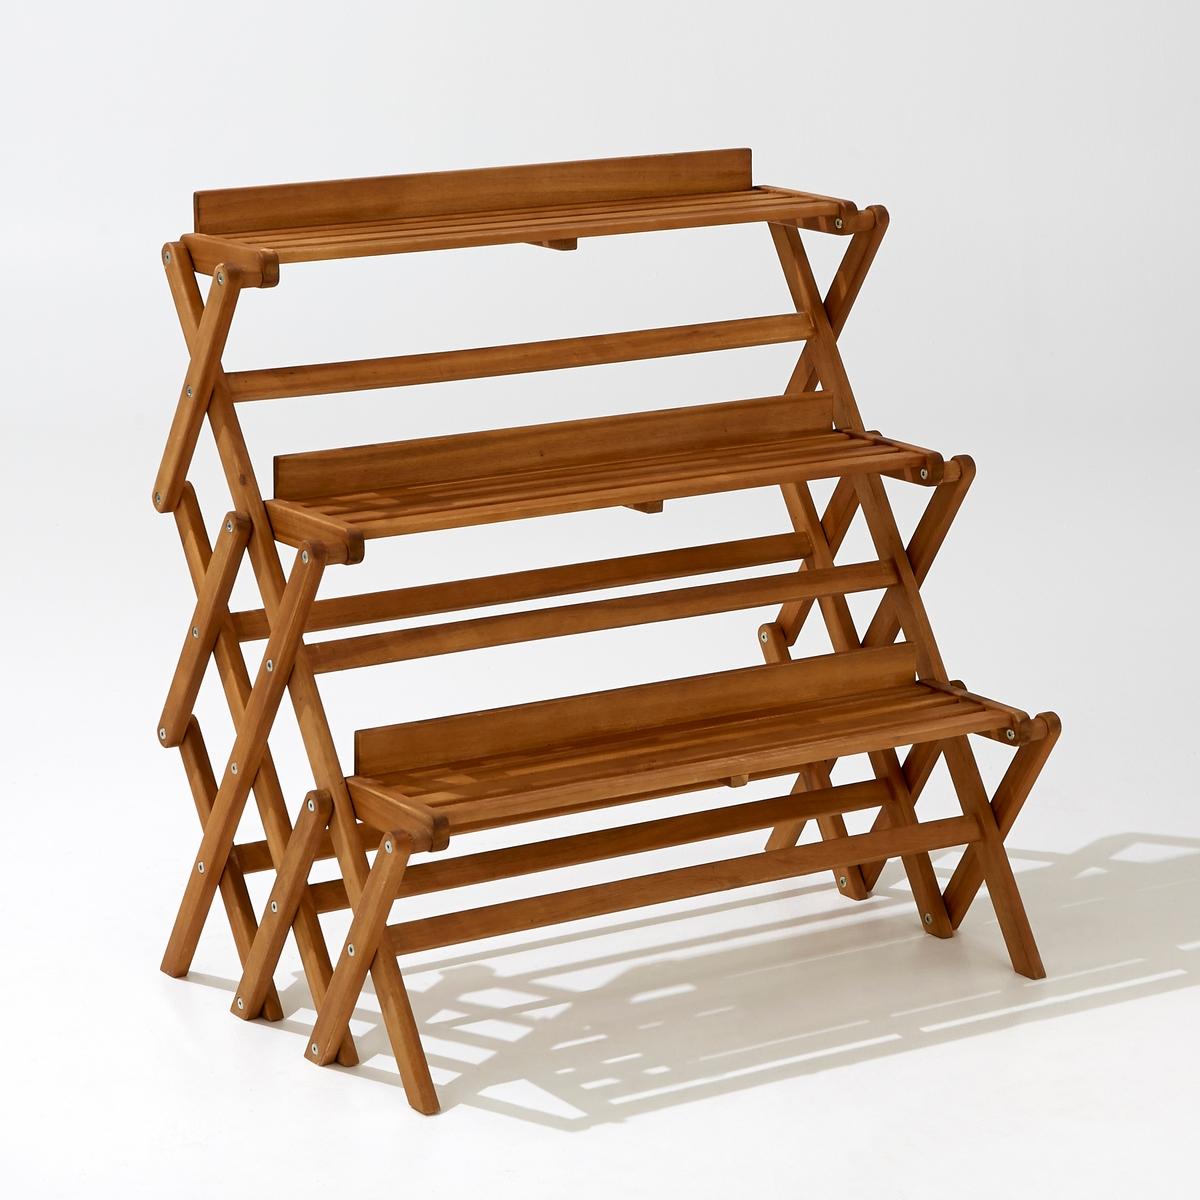 Этажерка садовая, 3-уровневая, складнаяИдеальна для сада или террасы,  на этой небольшой этажерке поместятся комнатные растения и  декоративные элементы. Очень практичная, складная, легко разбирается и собирается .                      Характеристики :           Этажерка 3-уровневая     Складная Акация, цвет тикового дерева            Общие размеры :           Ширина 80 x длина  53 x высота 83 смРазмеры:Ширина 78,5 смДлина  16,6 смКачество:Акация - это дерево с отличными механическими качествами, такими как долговечность (отличная устойчивость к воздействию насекомых и грибков)и стойкость к переменам погоды(чередование засушливых и влажных периодов).Размеры и вес упаковки :           1 упаковкаШир.97 xВыс. 16 xГл. 83 см, 8,5 кг<br><br>Цвет: акация